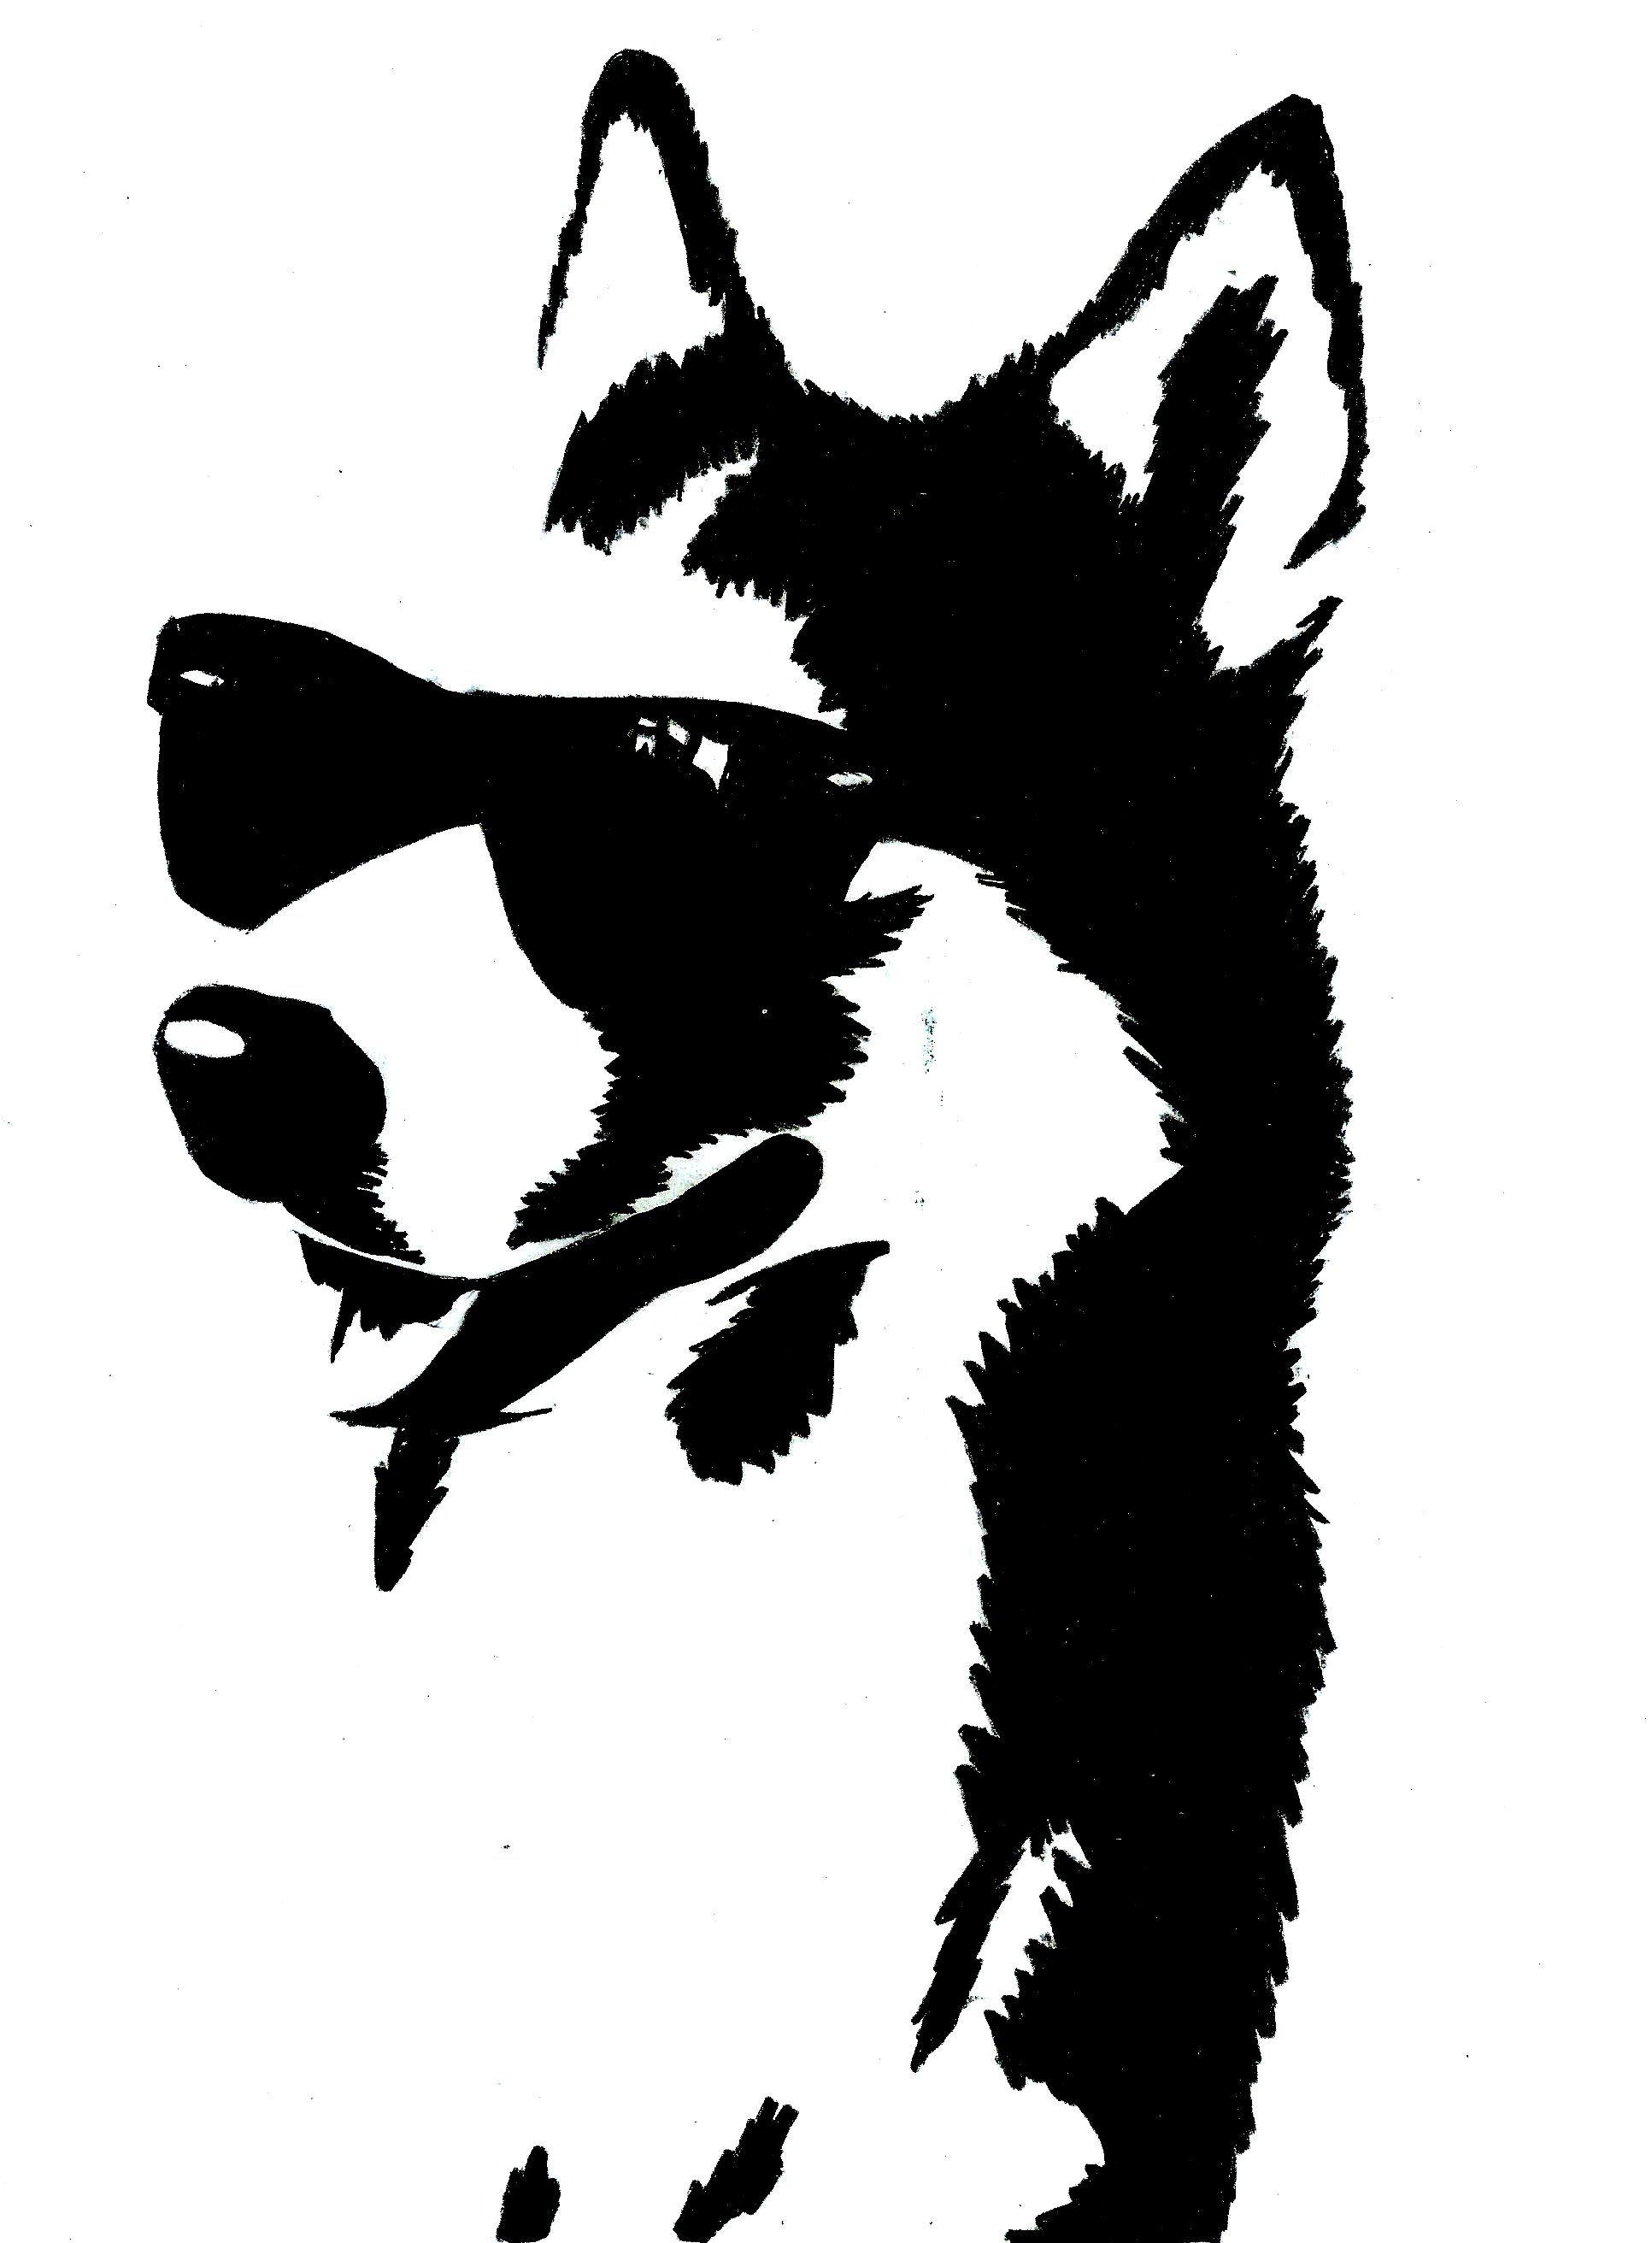 0934cdb82 cachorro de óculos desenhado a mão e vetorizado (exercício de contraste)